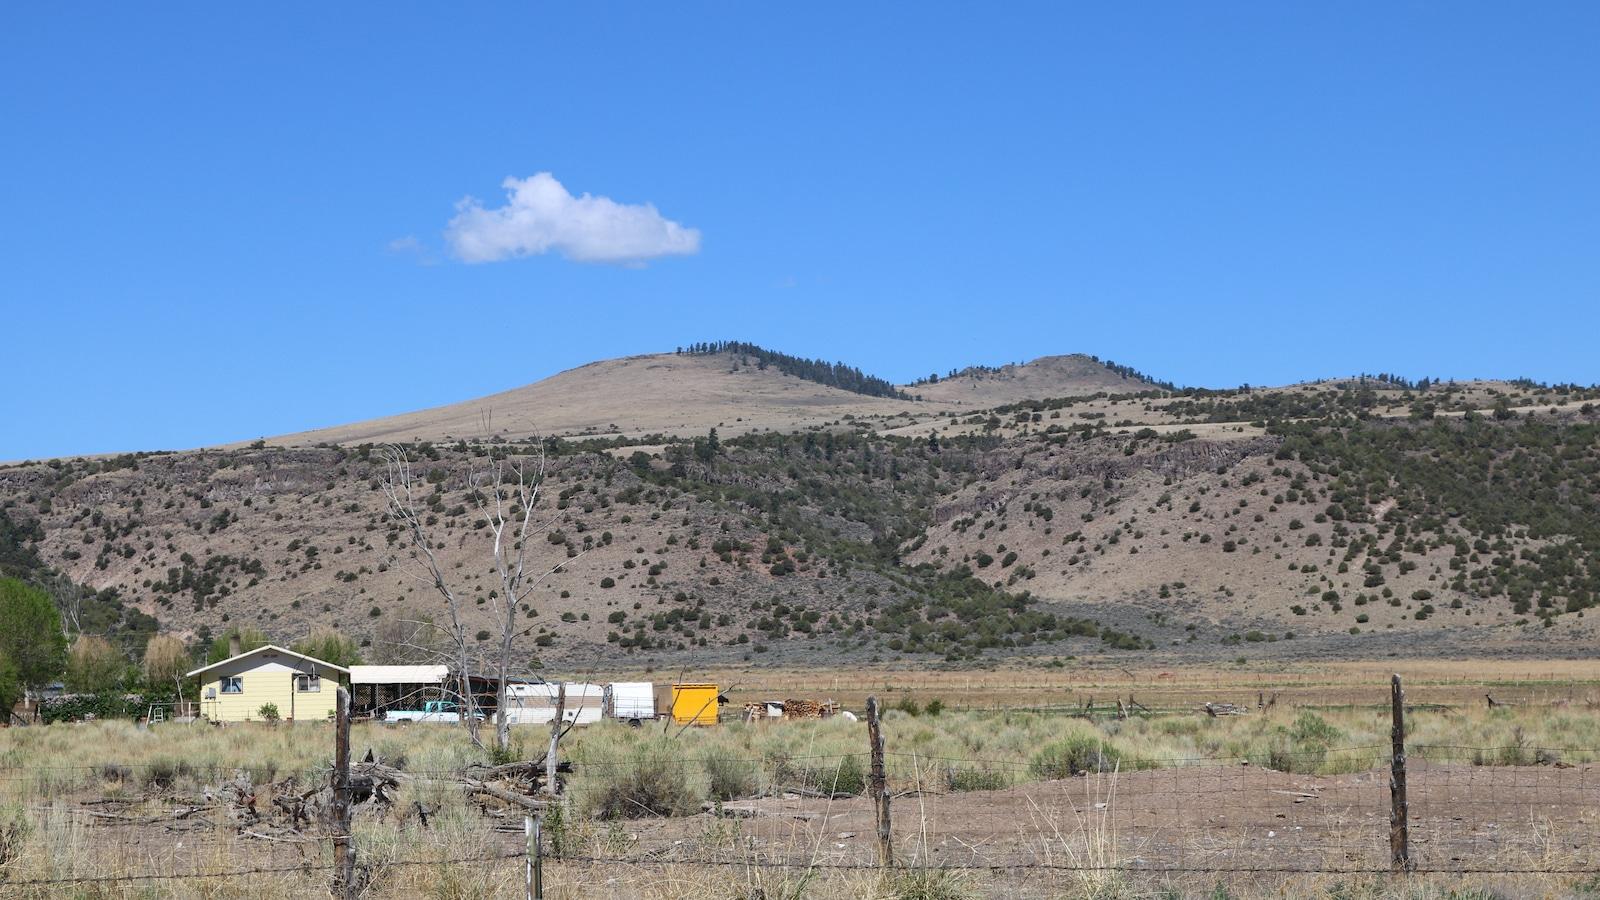 Los Mogotes Shield Volcano Conejos County CO